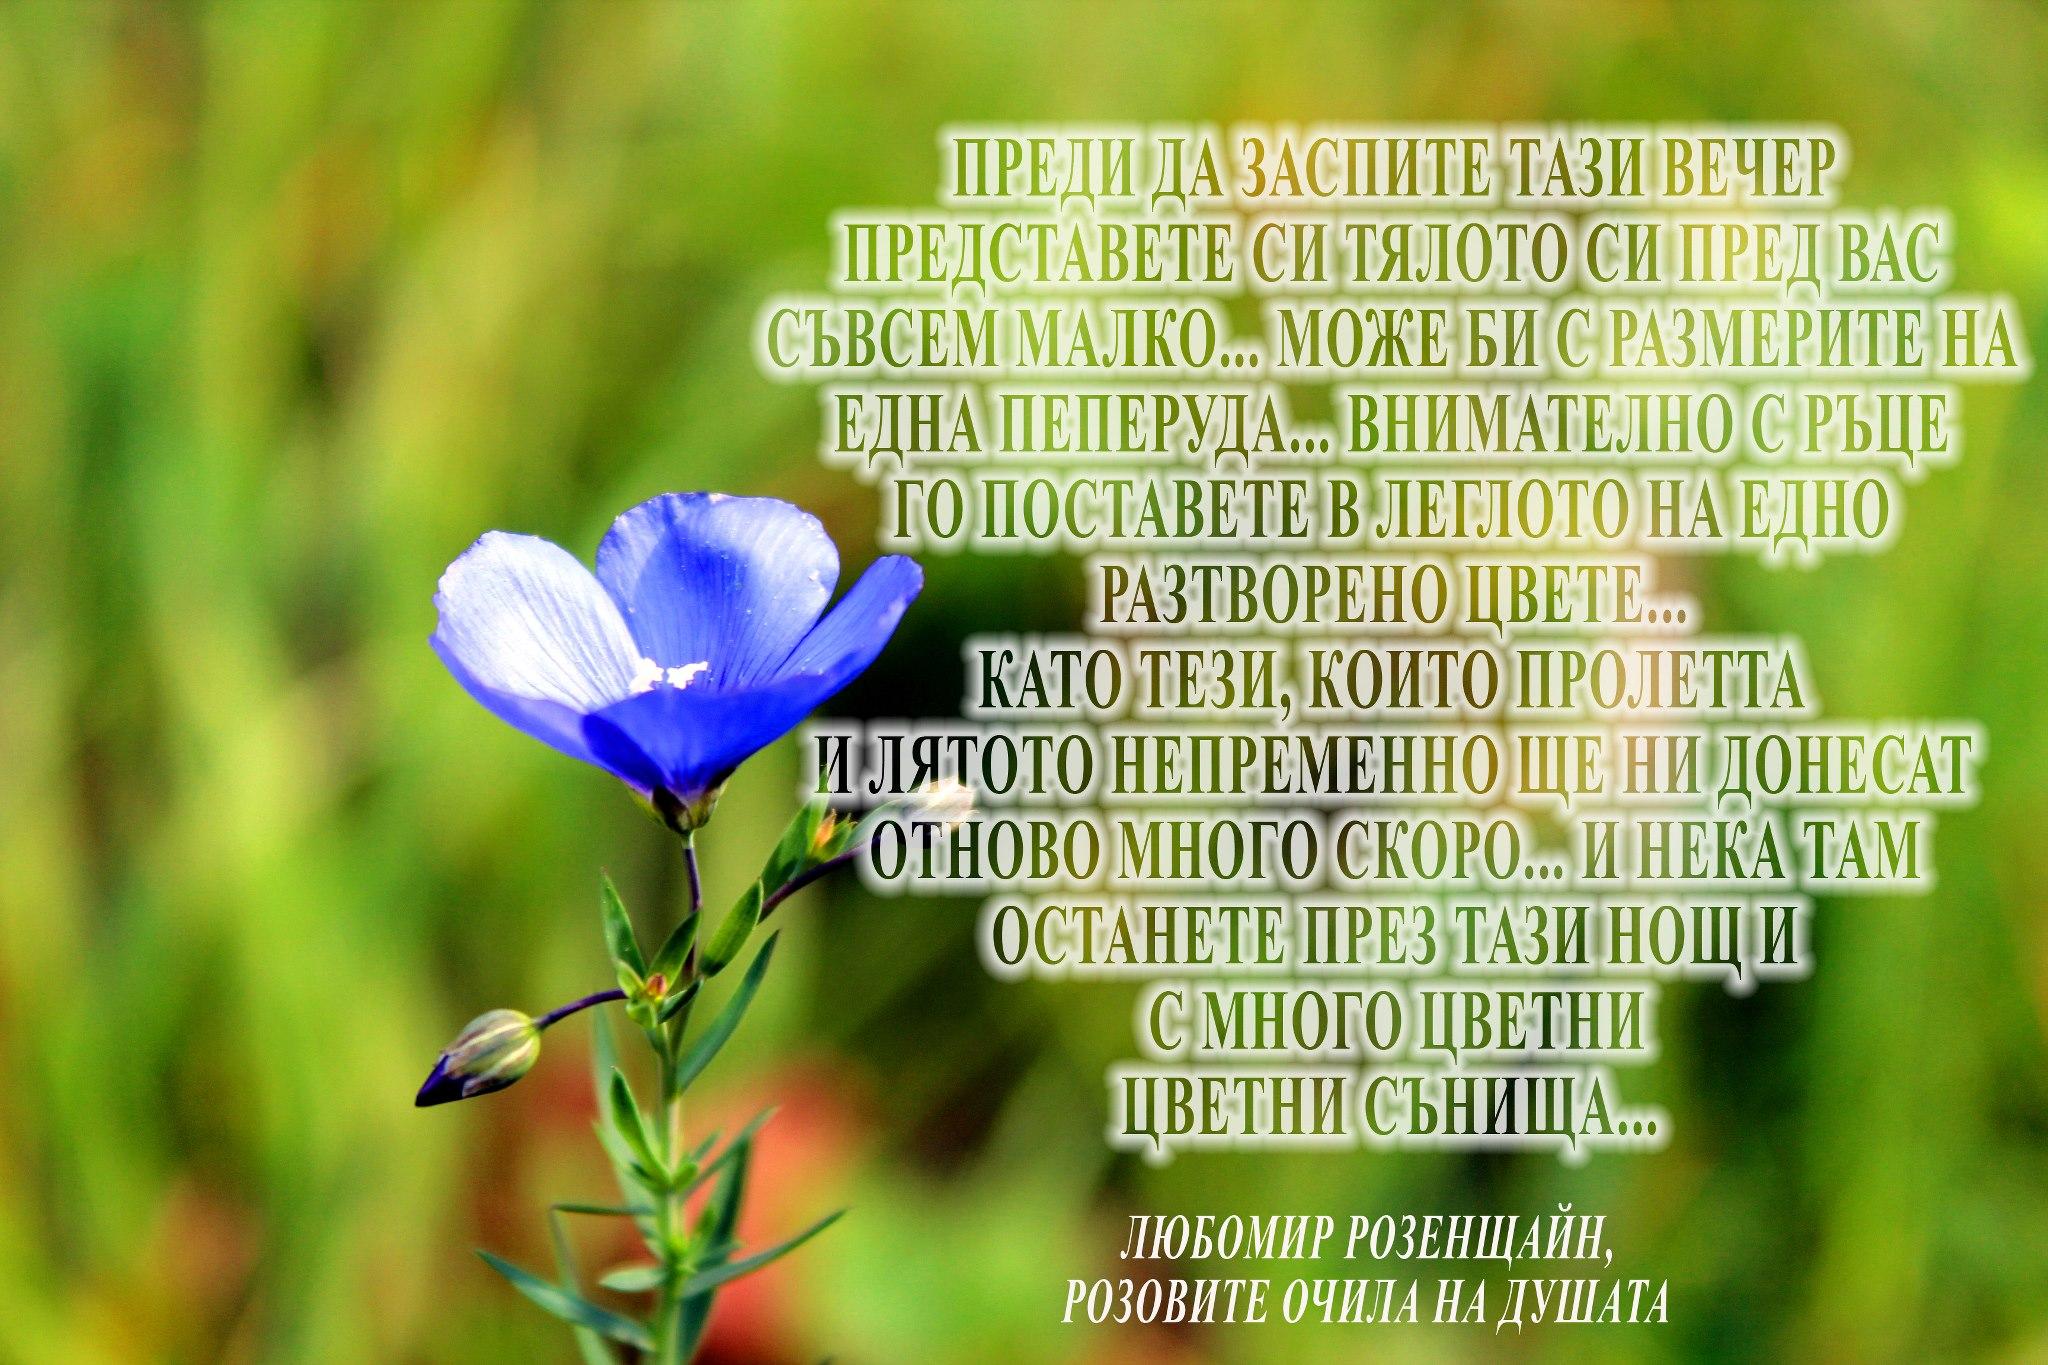 Йога нидра в 3 минути преди заспиване: отдалечете се от тялото си, поставете го за тази нощ внимателно на хубаво място, в леглото на цветето ...